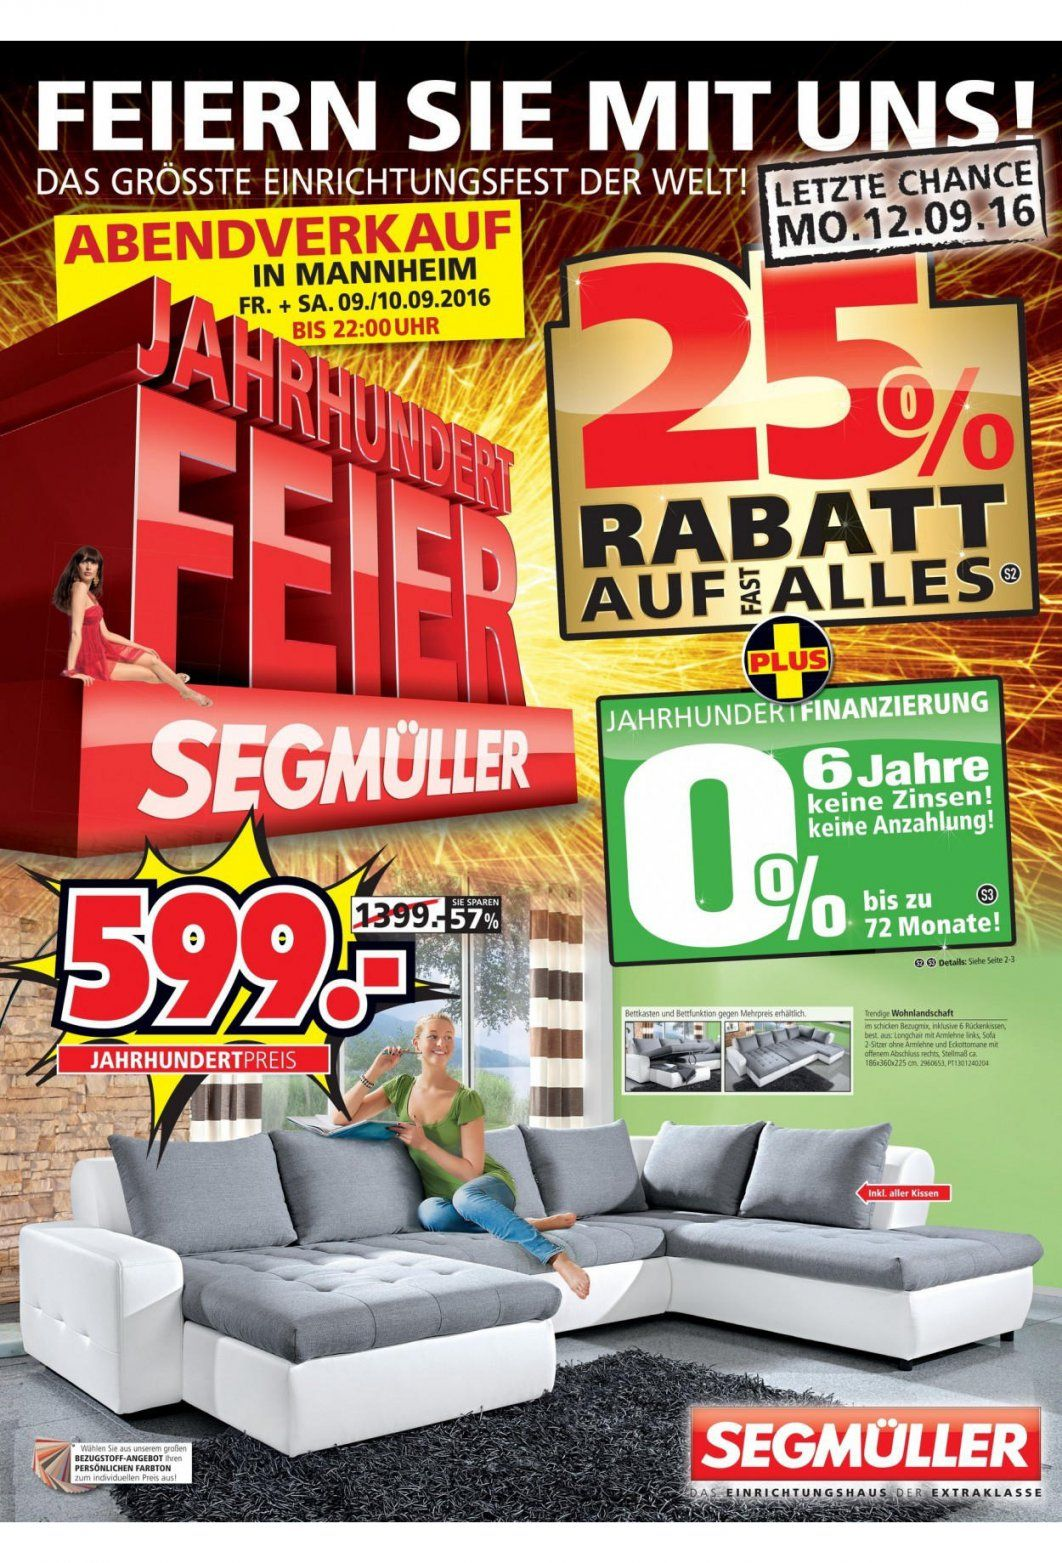 Segmüller Küchen Weiterstadt von Segmüller Weiterstadt Verkaufsoffener Sonntag 2016 Bild